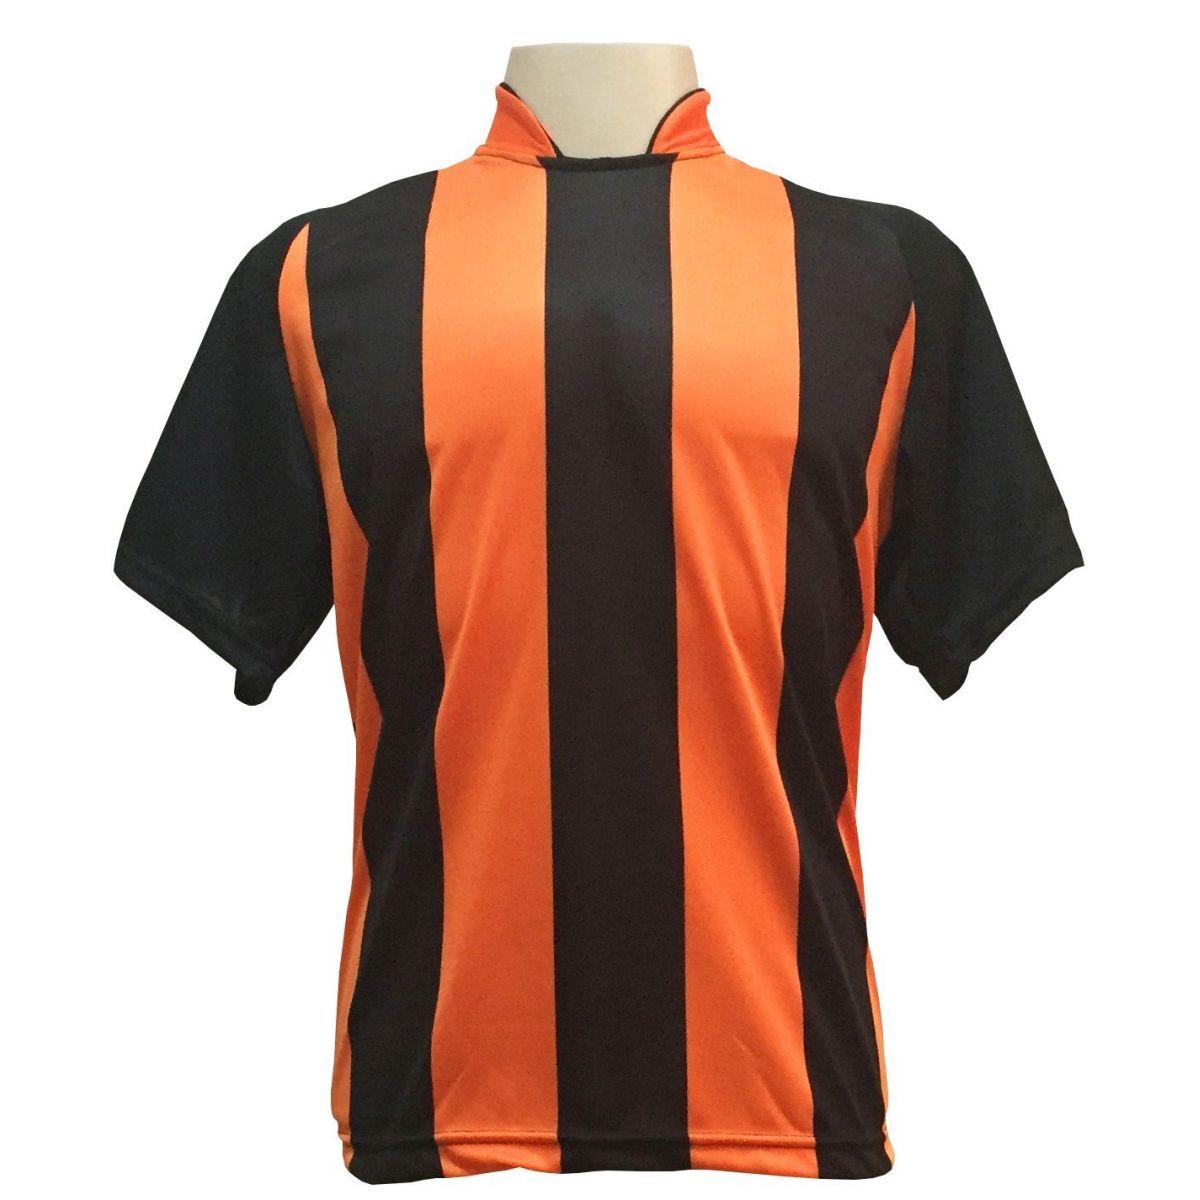 Fardamento Completo modelo Milan 20+2 (20 camisas Preto/Laranja + 20 calções modelo Madrid Preto + 20 pares de meiões Preto + 2 conjuntos de goleiro) + Brindes